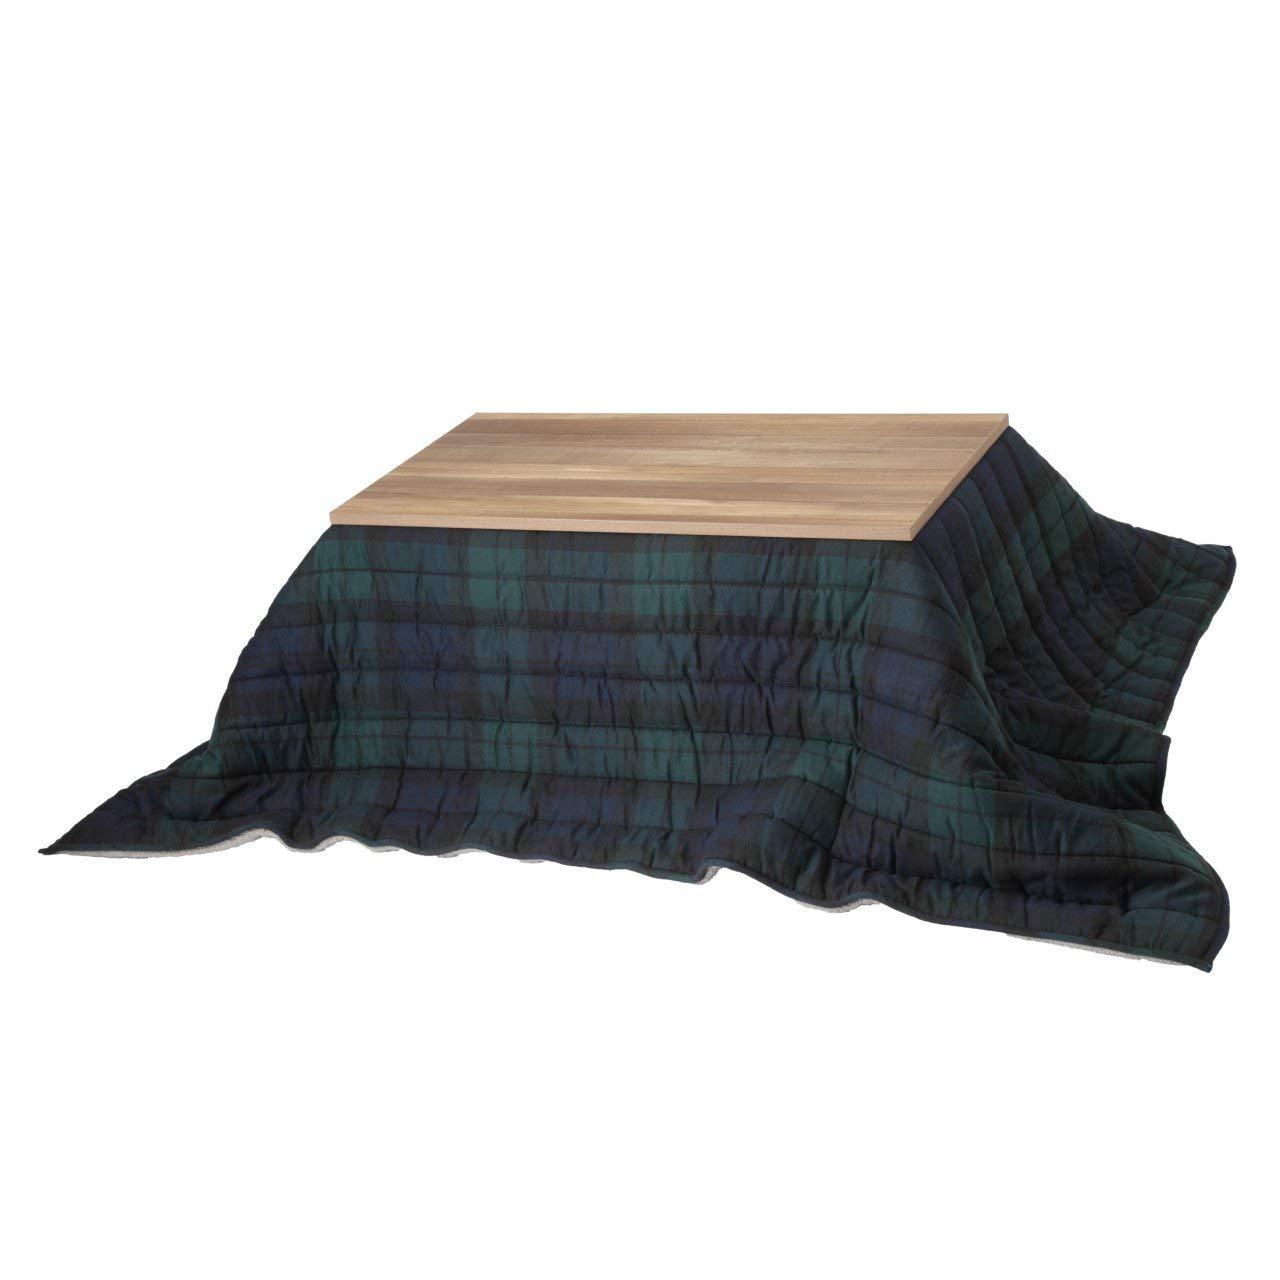 古材風天板×アイアン脚×保温綿入り布団 お洒落こたつセット 長方形 120x60 (グリーン) / ハイタイプこたつ 継ぎ脚  グリーン B07J2B3JH8